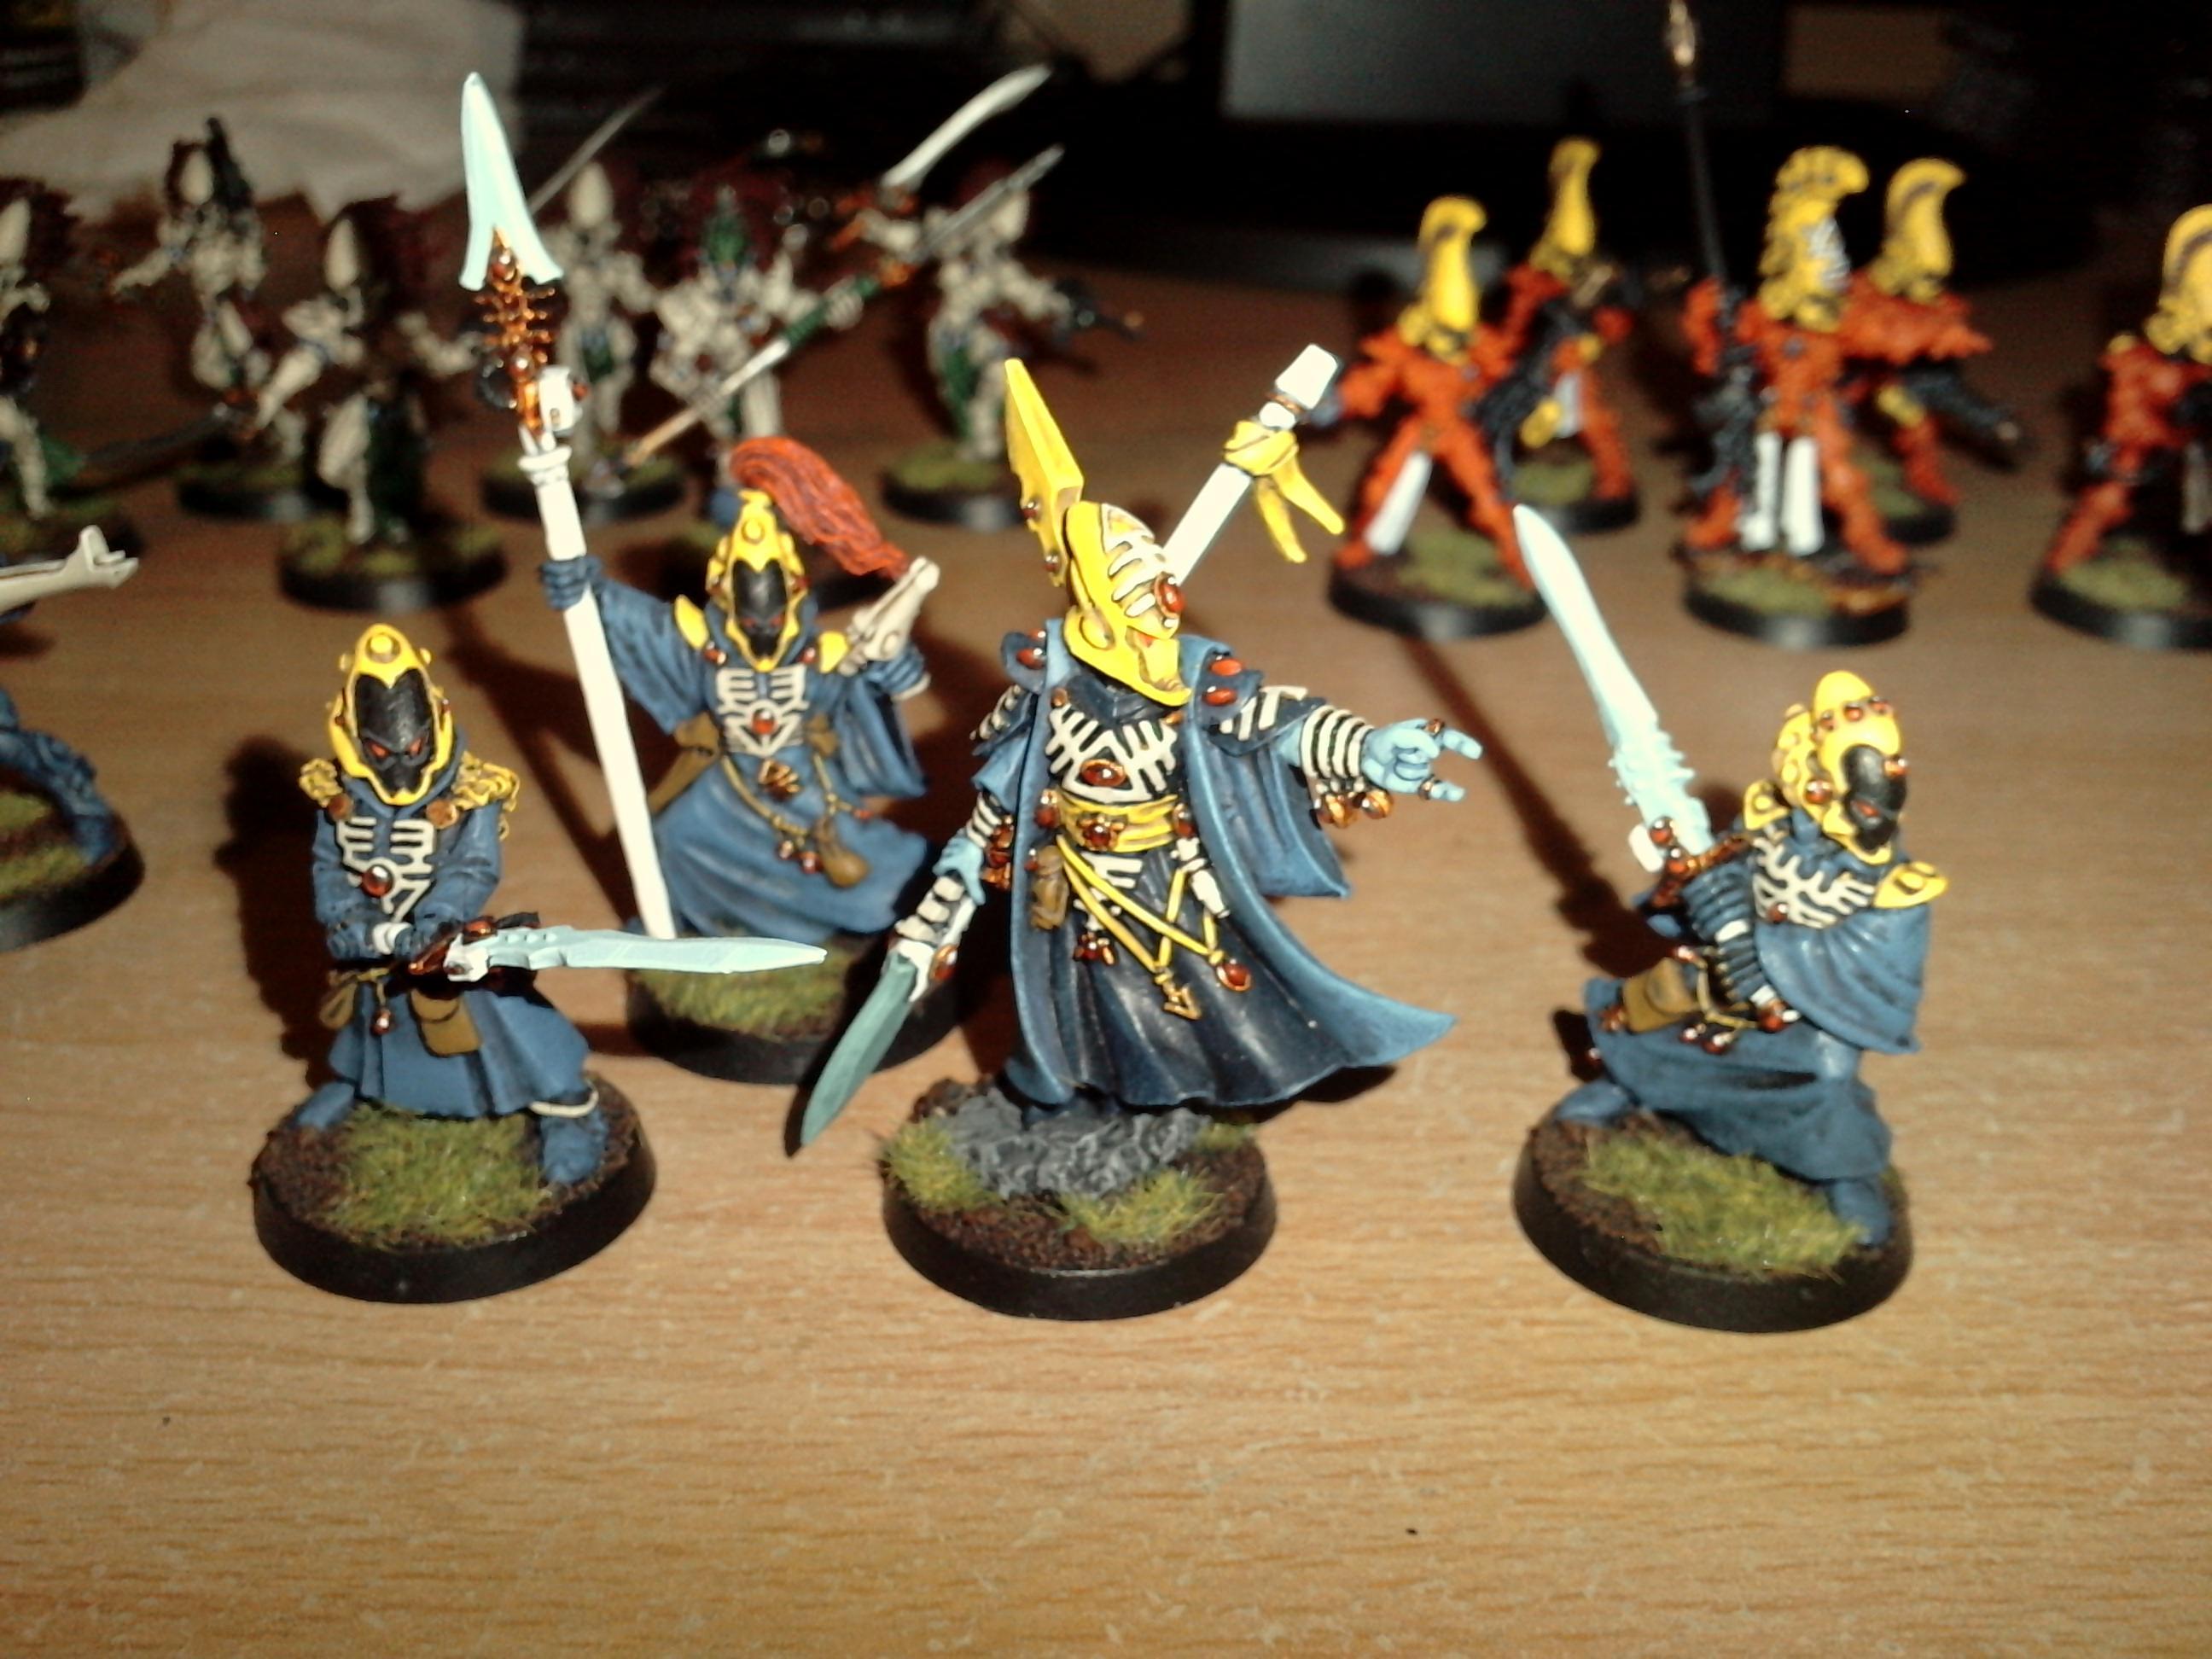 Alaitoc. Warhammer 40k, Eldar, Farseer, Seer Council, Warlock